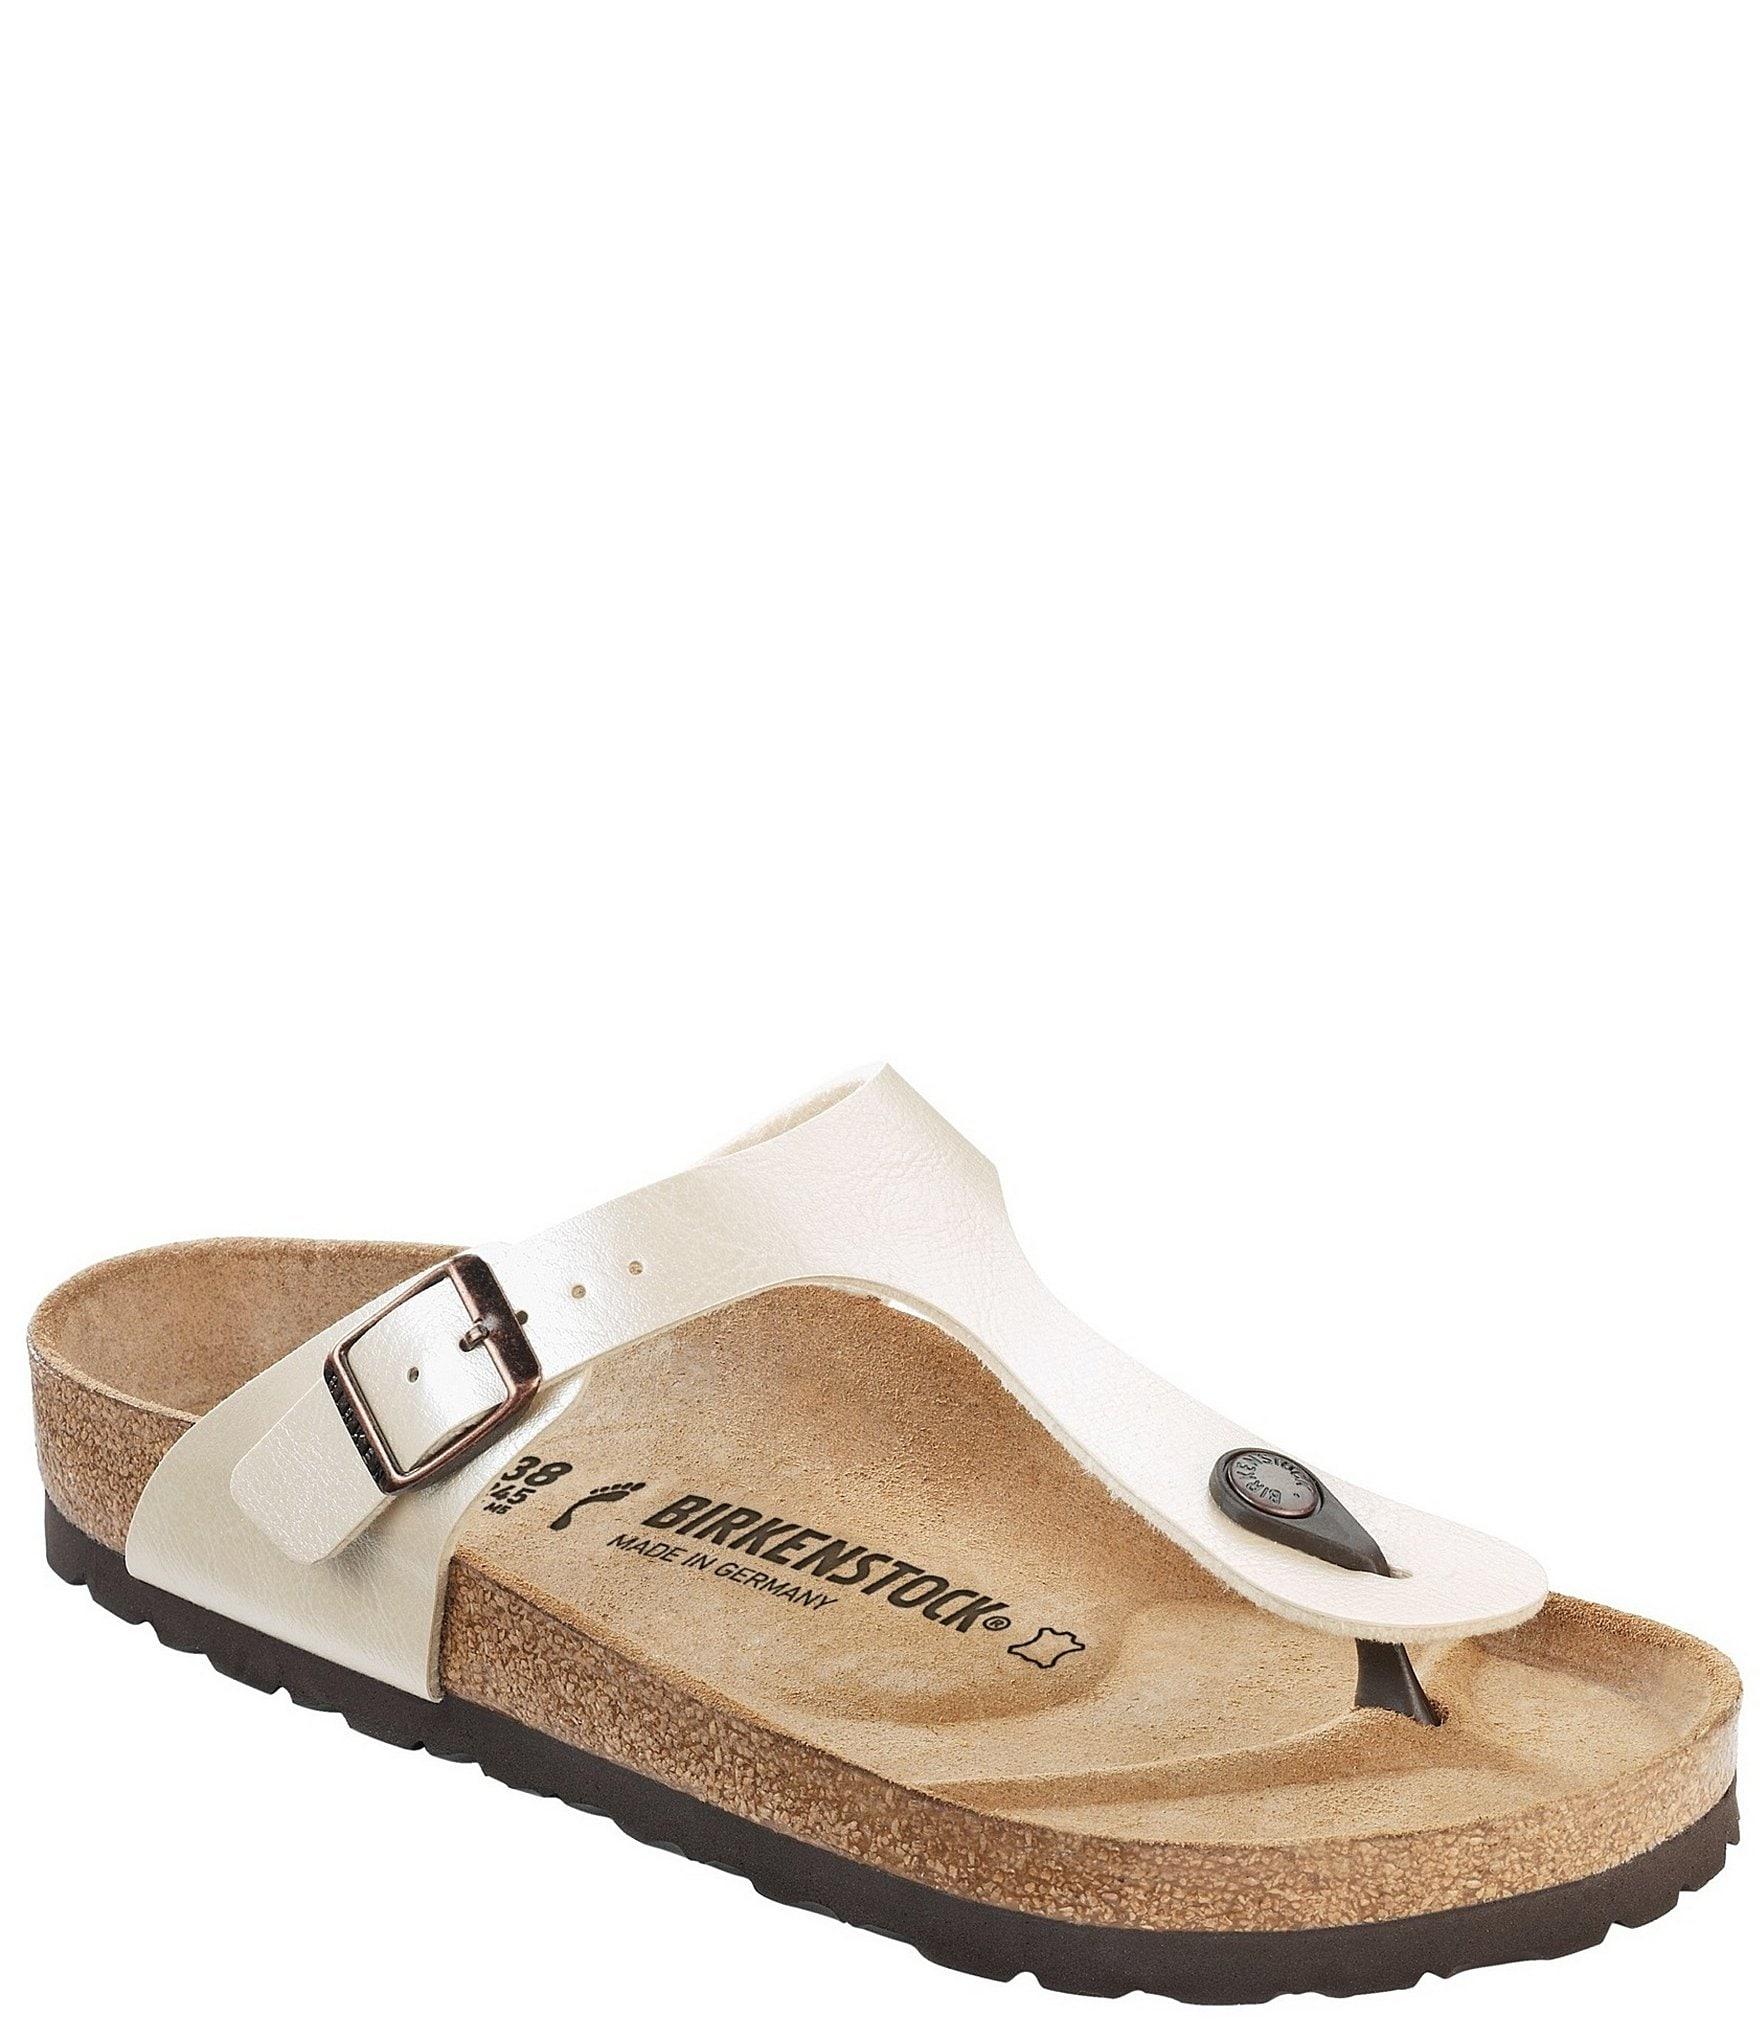 Que pizarra mil  Birkenstock Women's Sandals | Dillard's